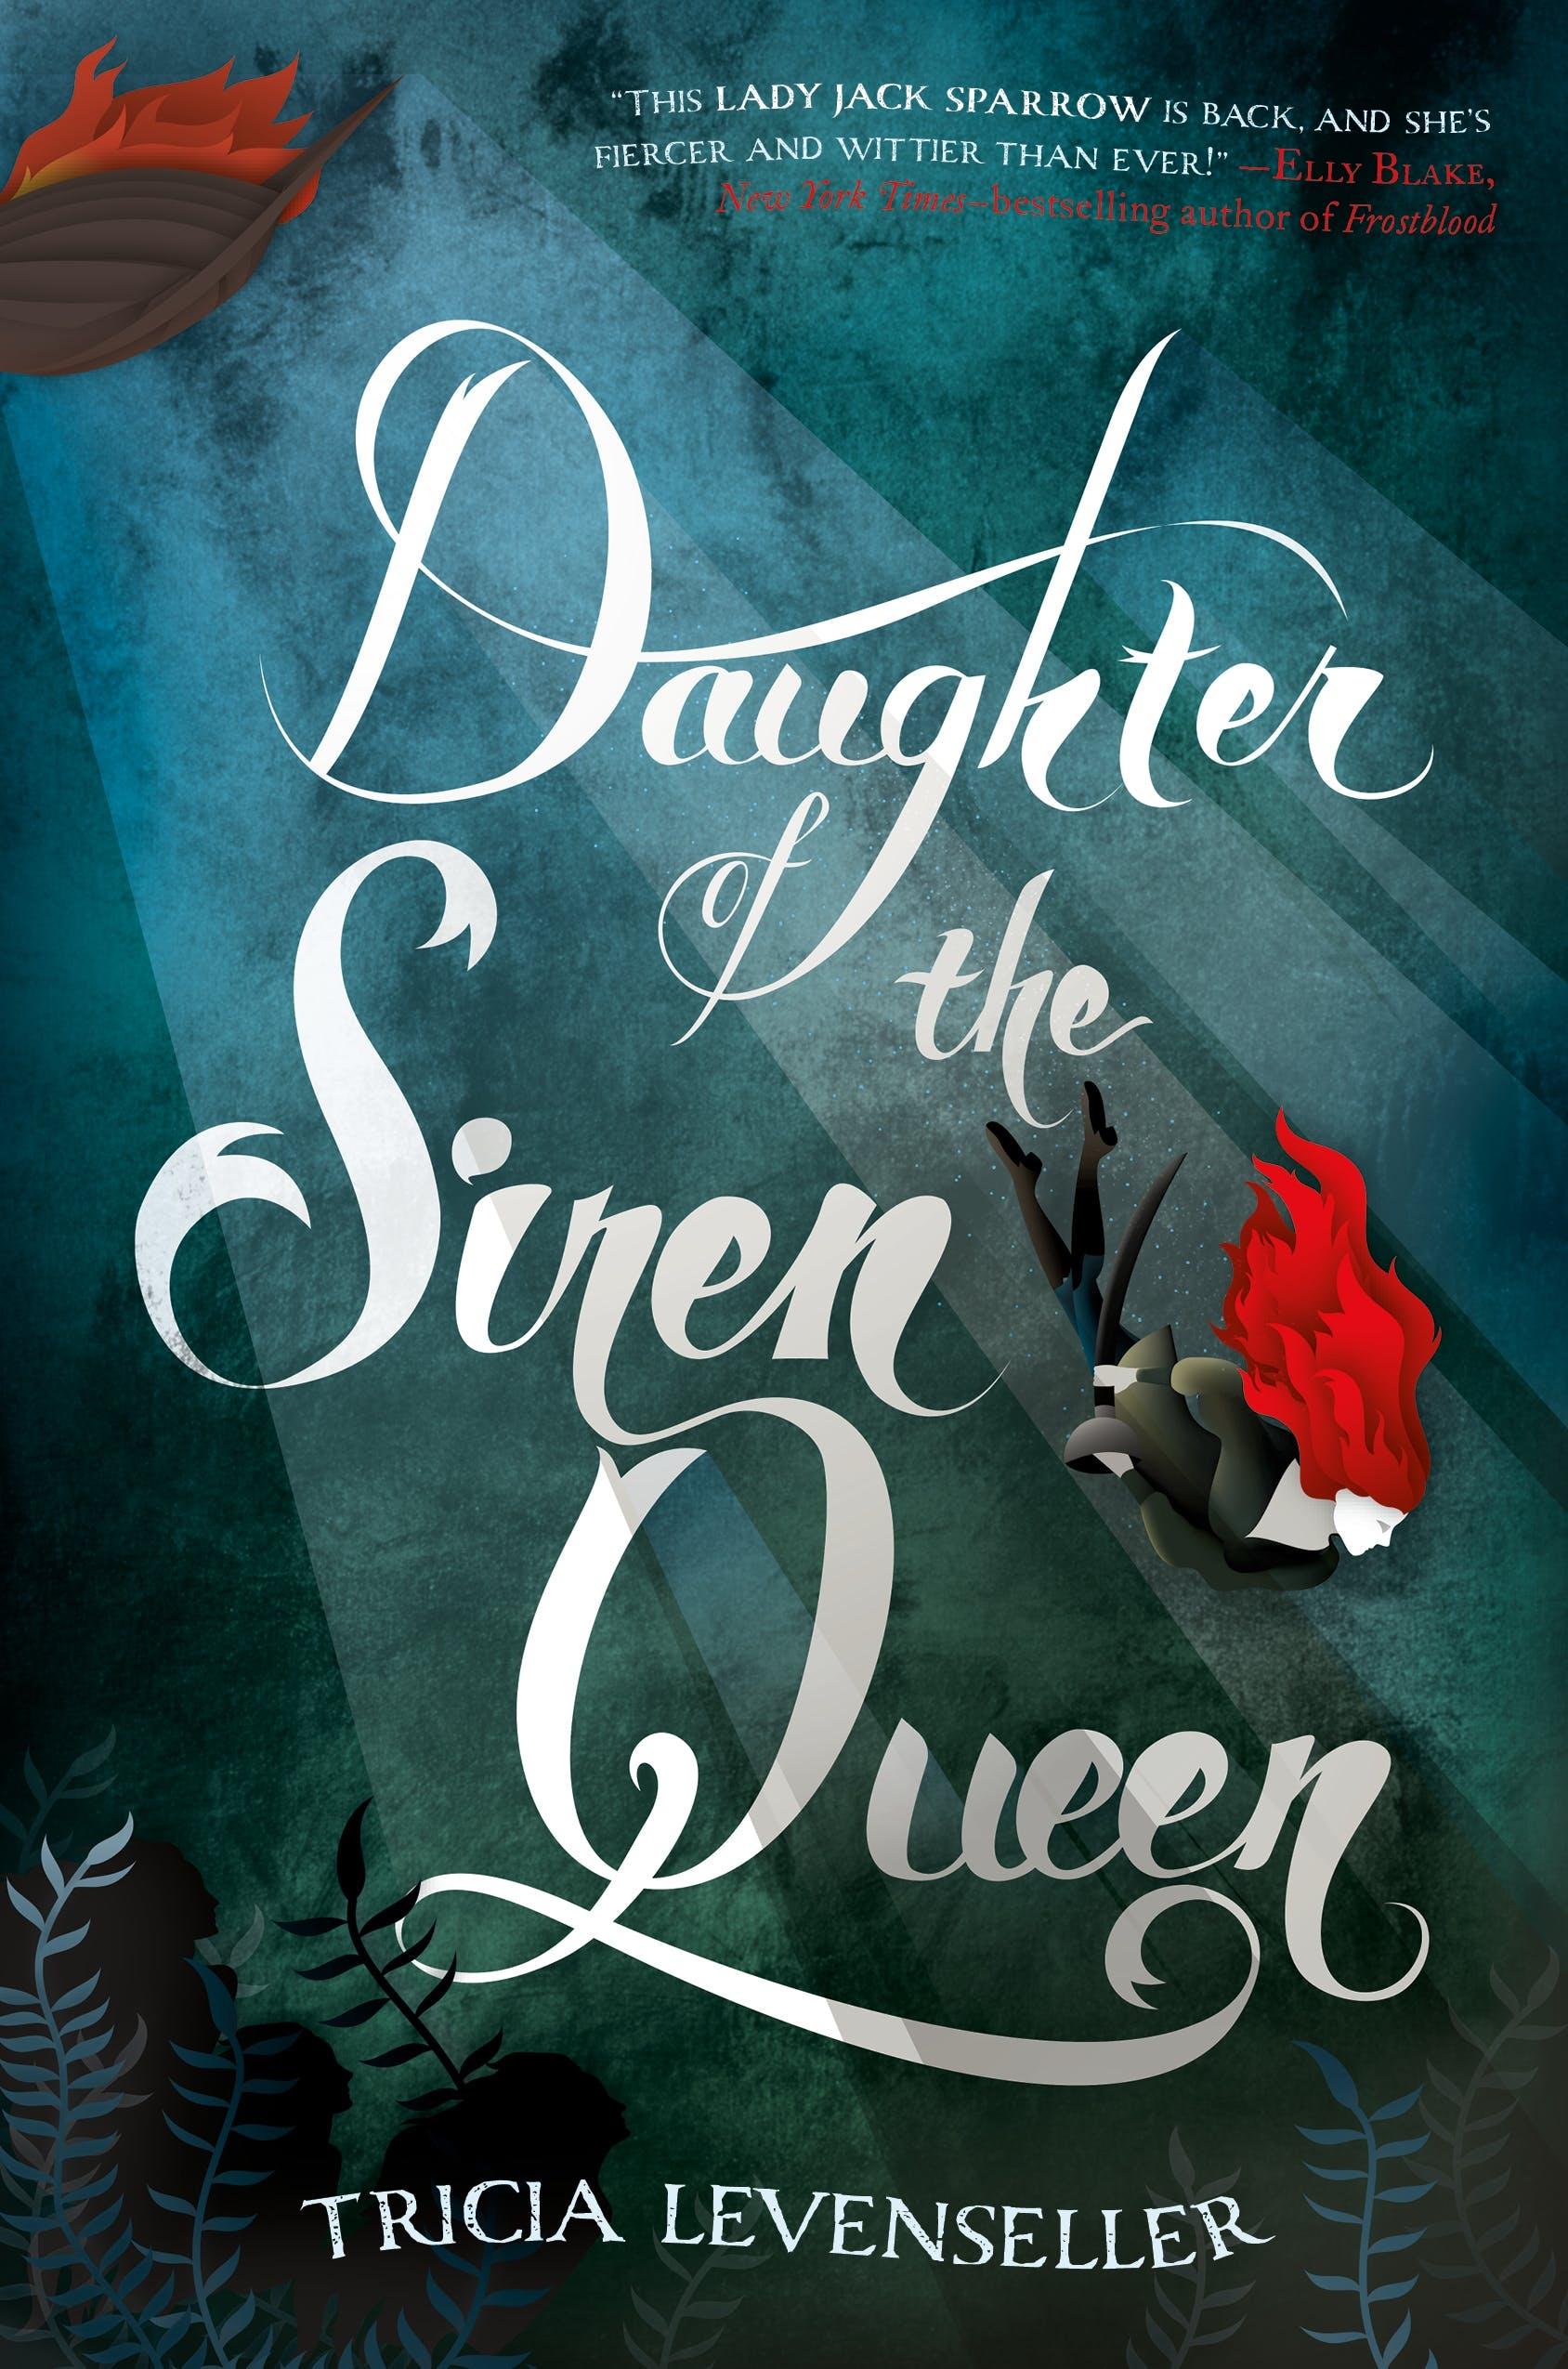 Image of Daughter of the Siren Queen